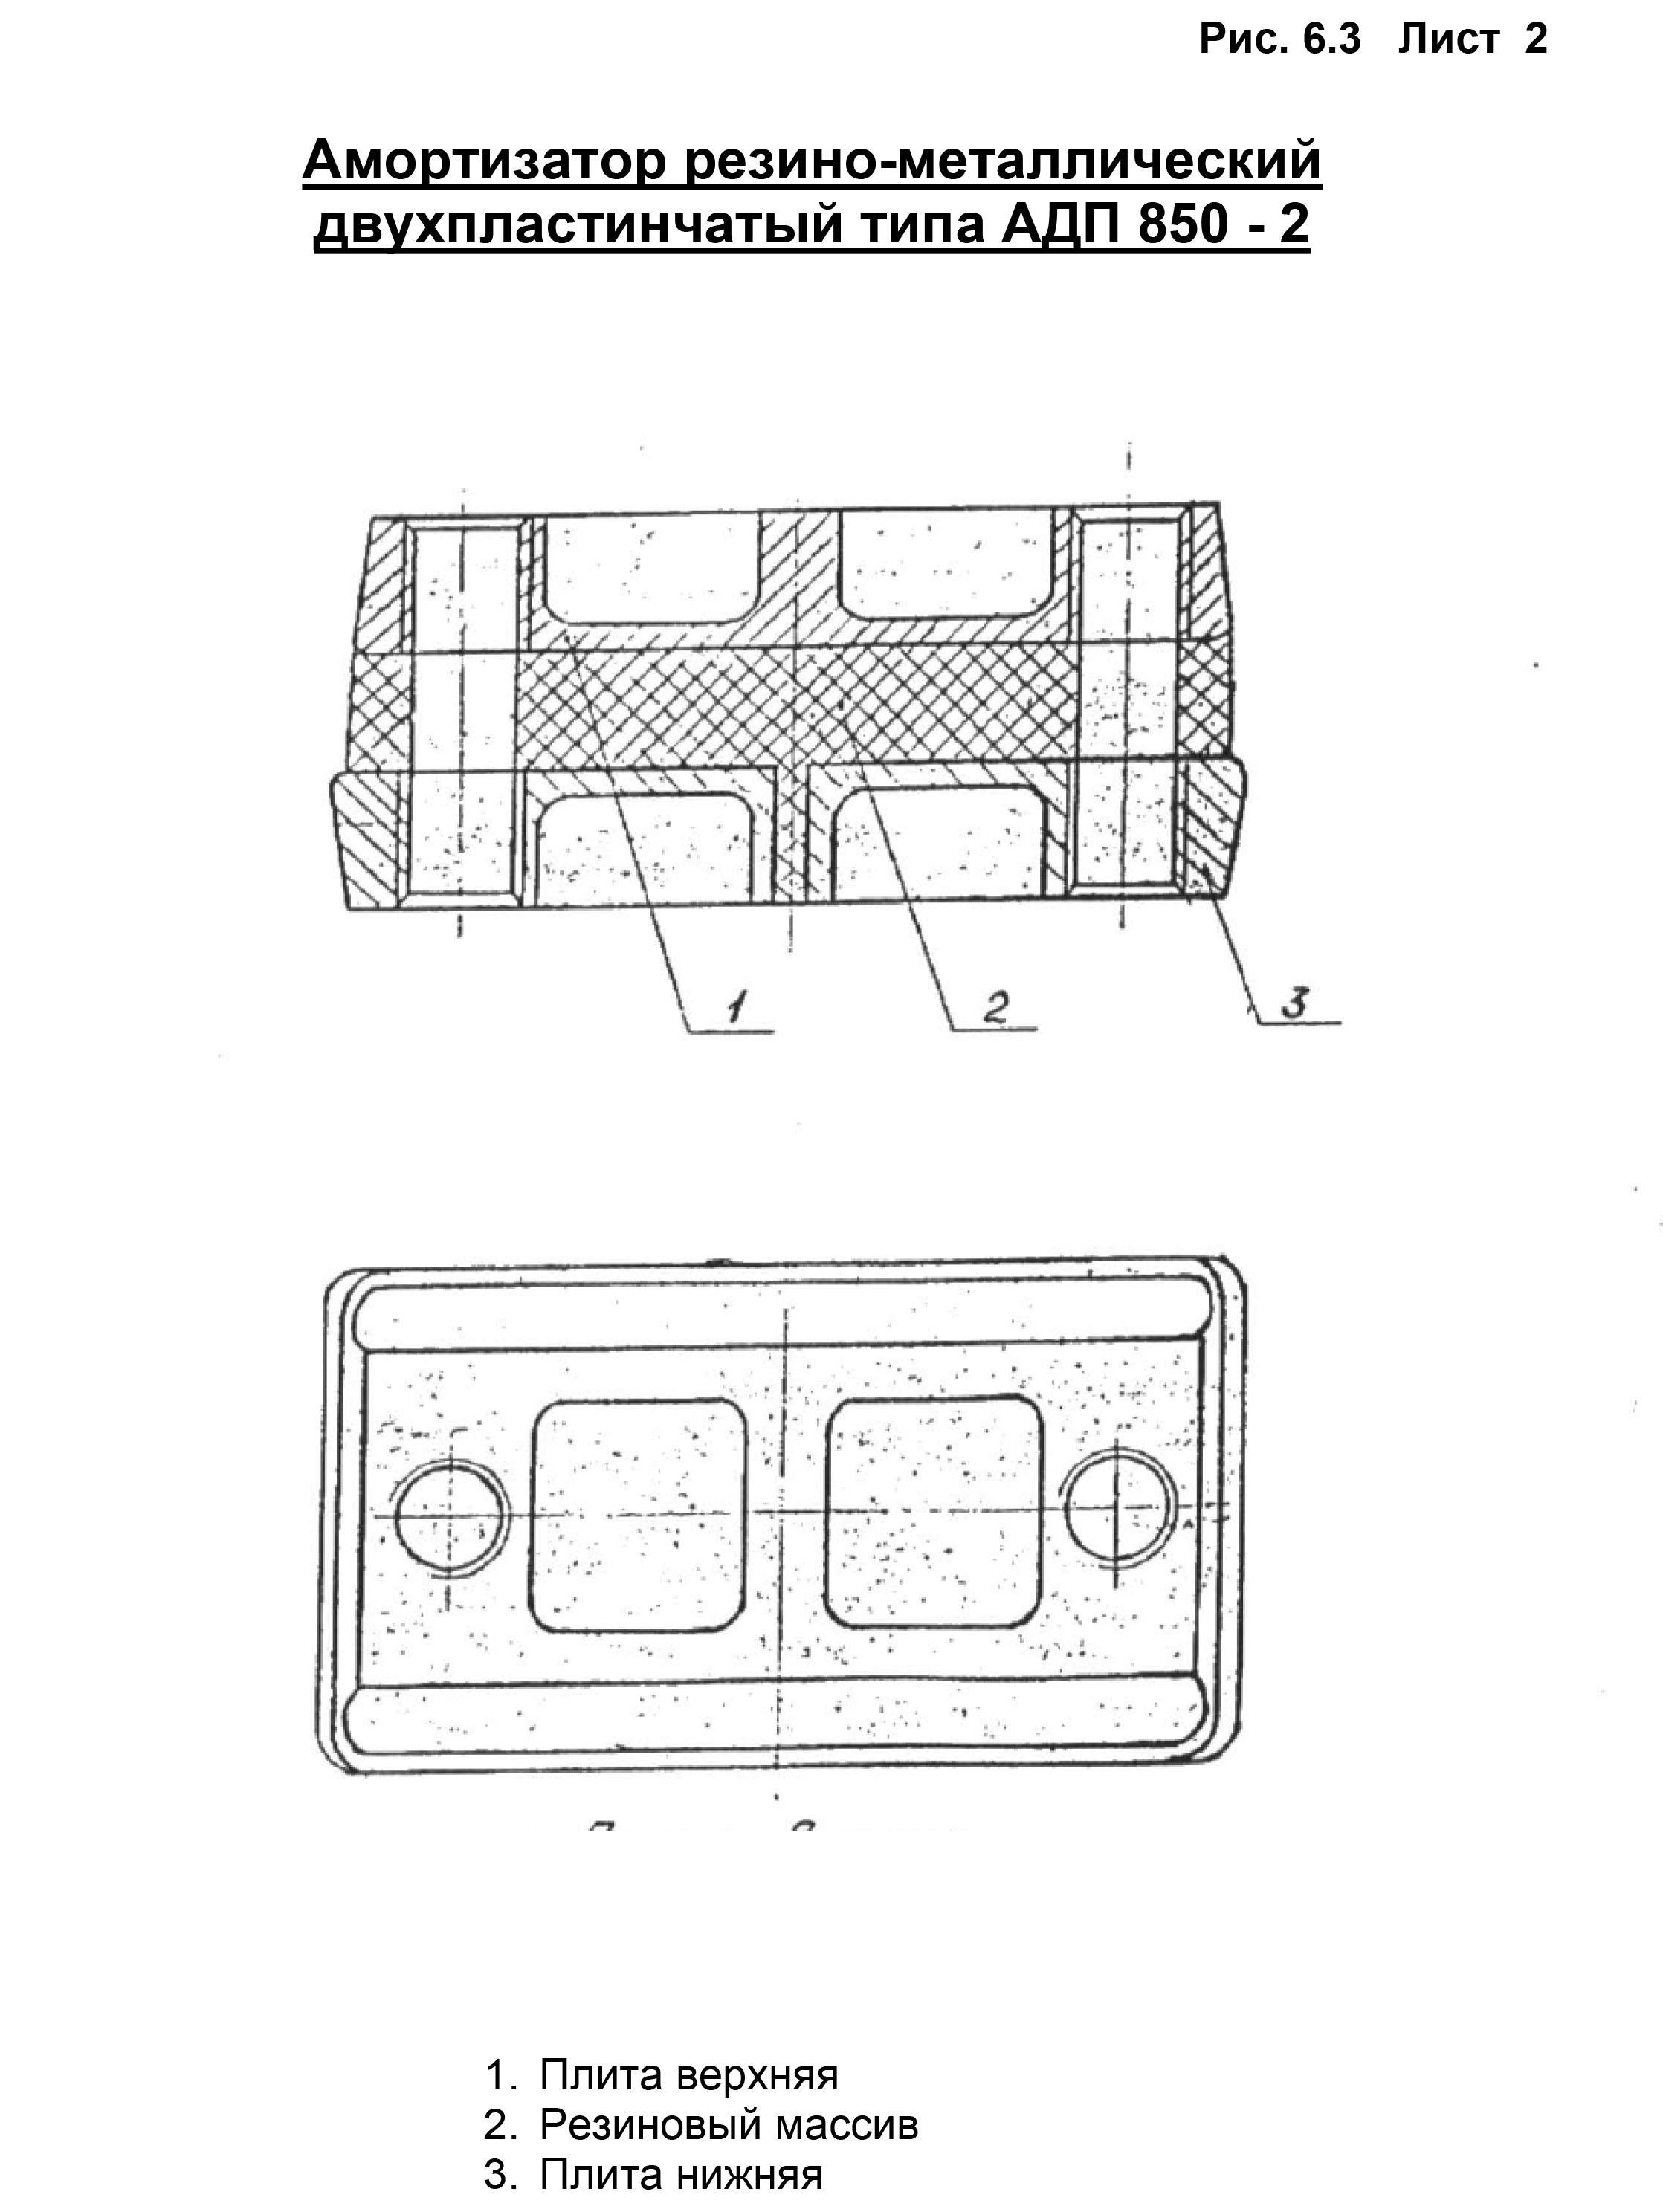 Амортизатор АДП-850-2